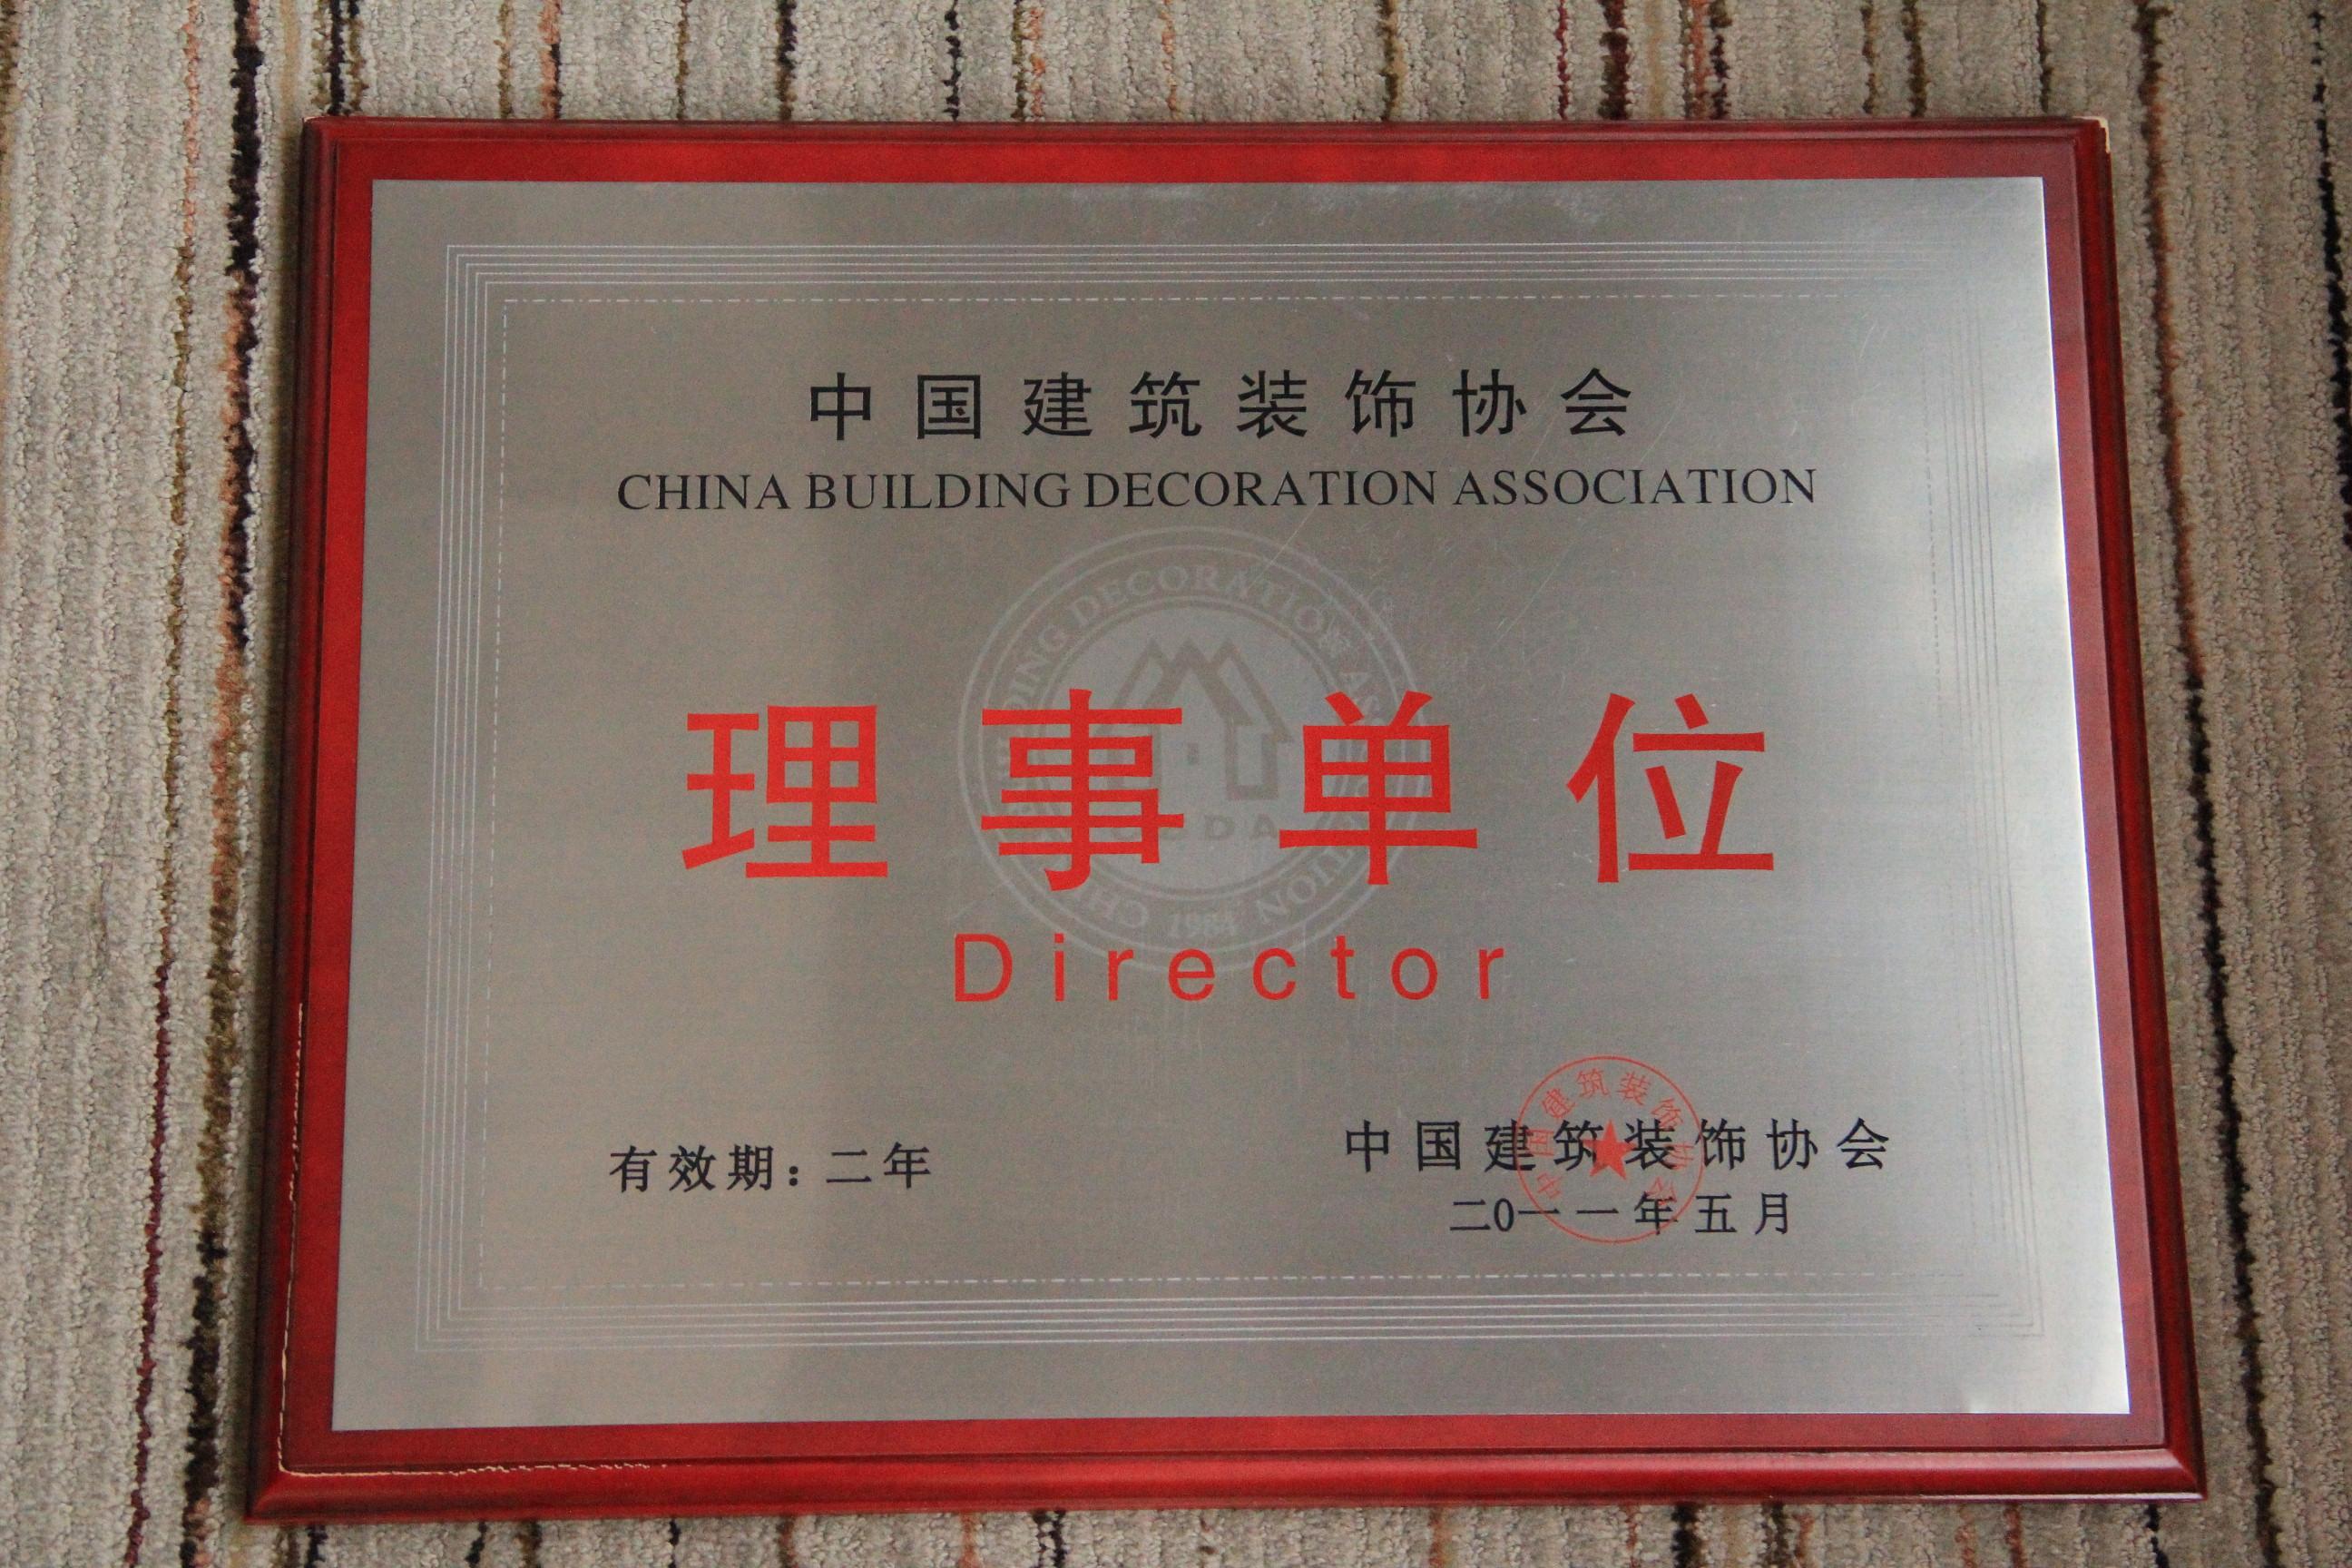 中國(guo)建築裝飾協會理事單(dan)位